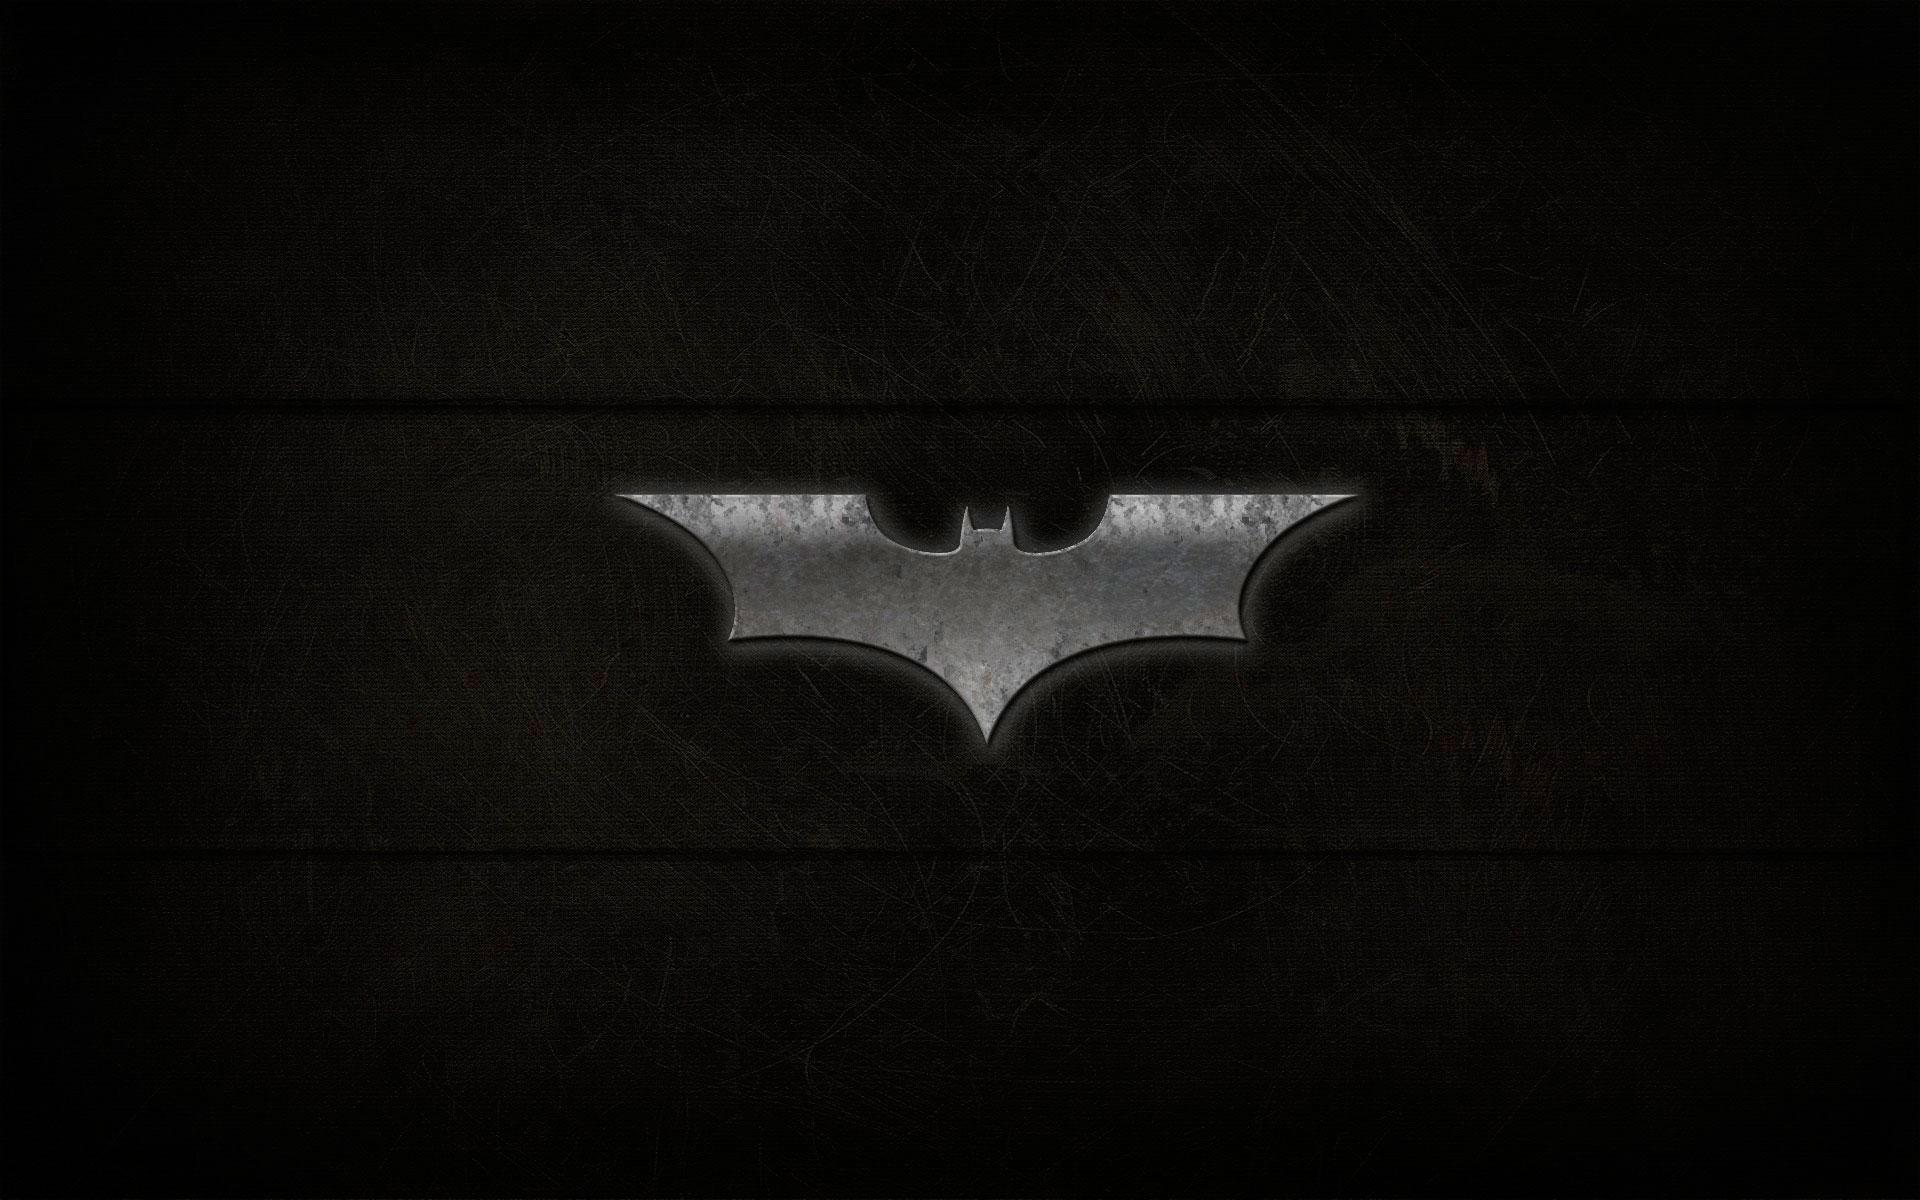 Значок Бэтмен фото и картинки (17)